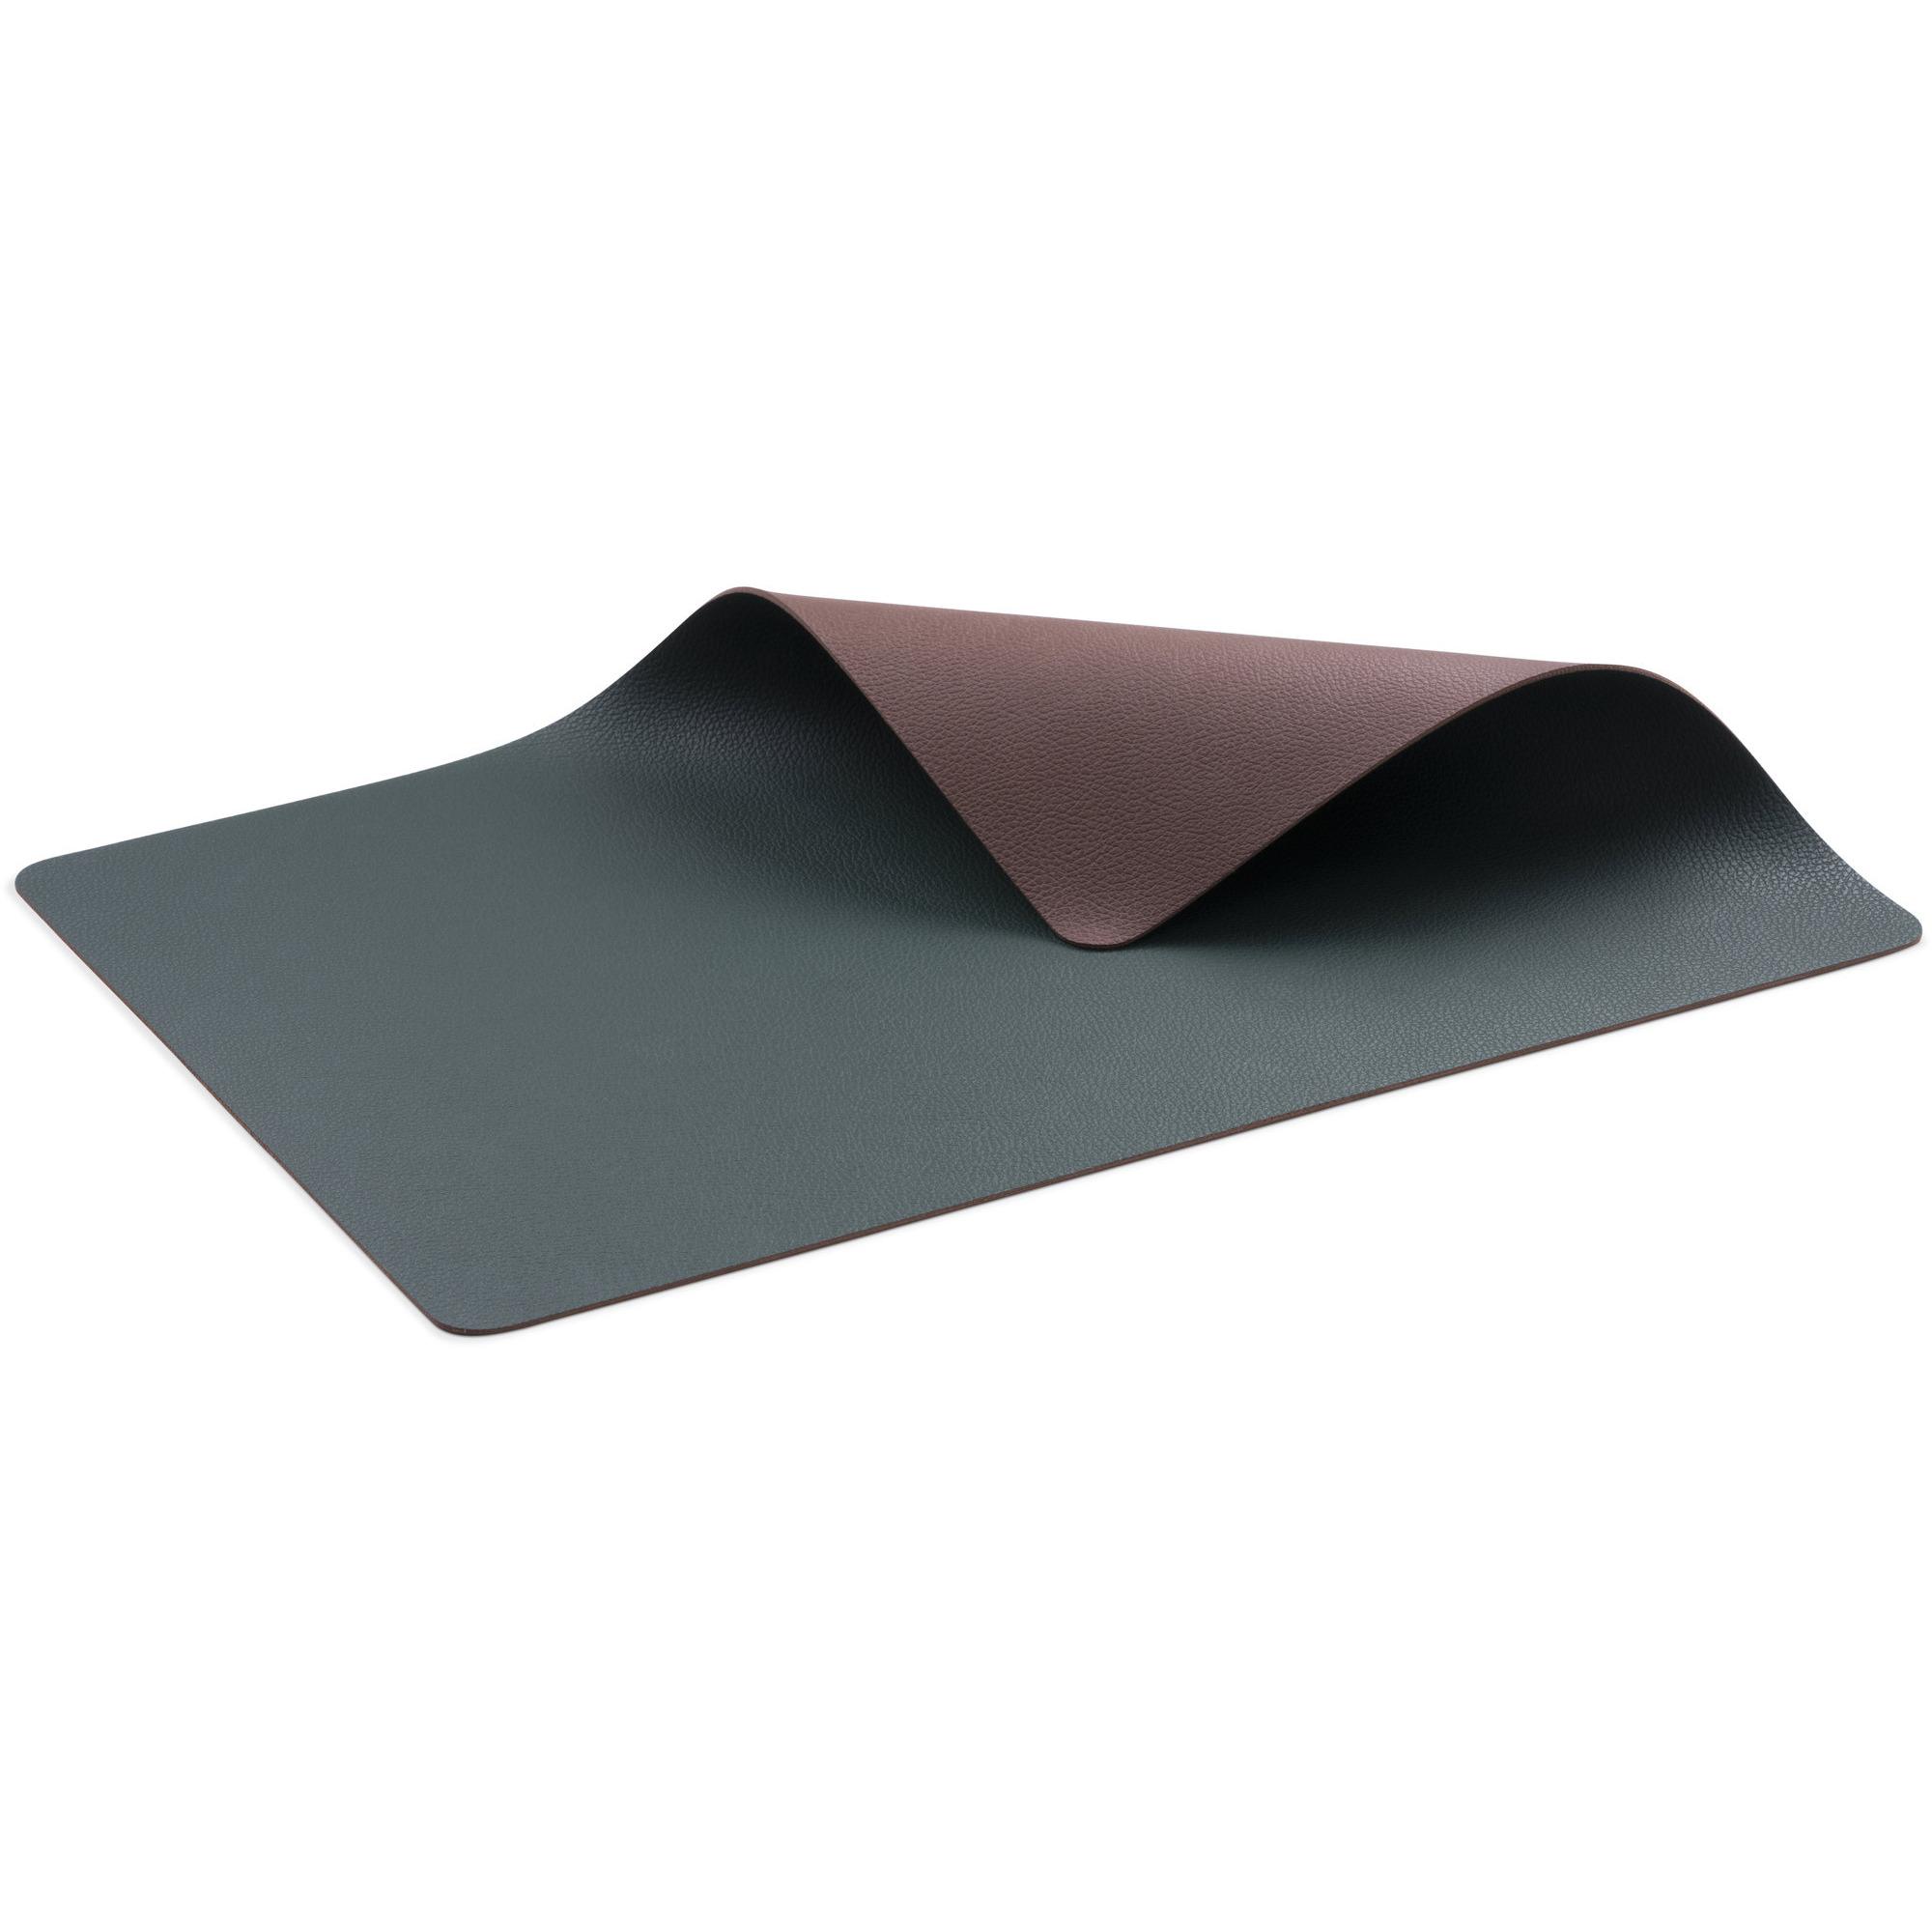 Bitz Bordstablett 4 st. grå/brun